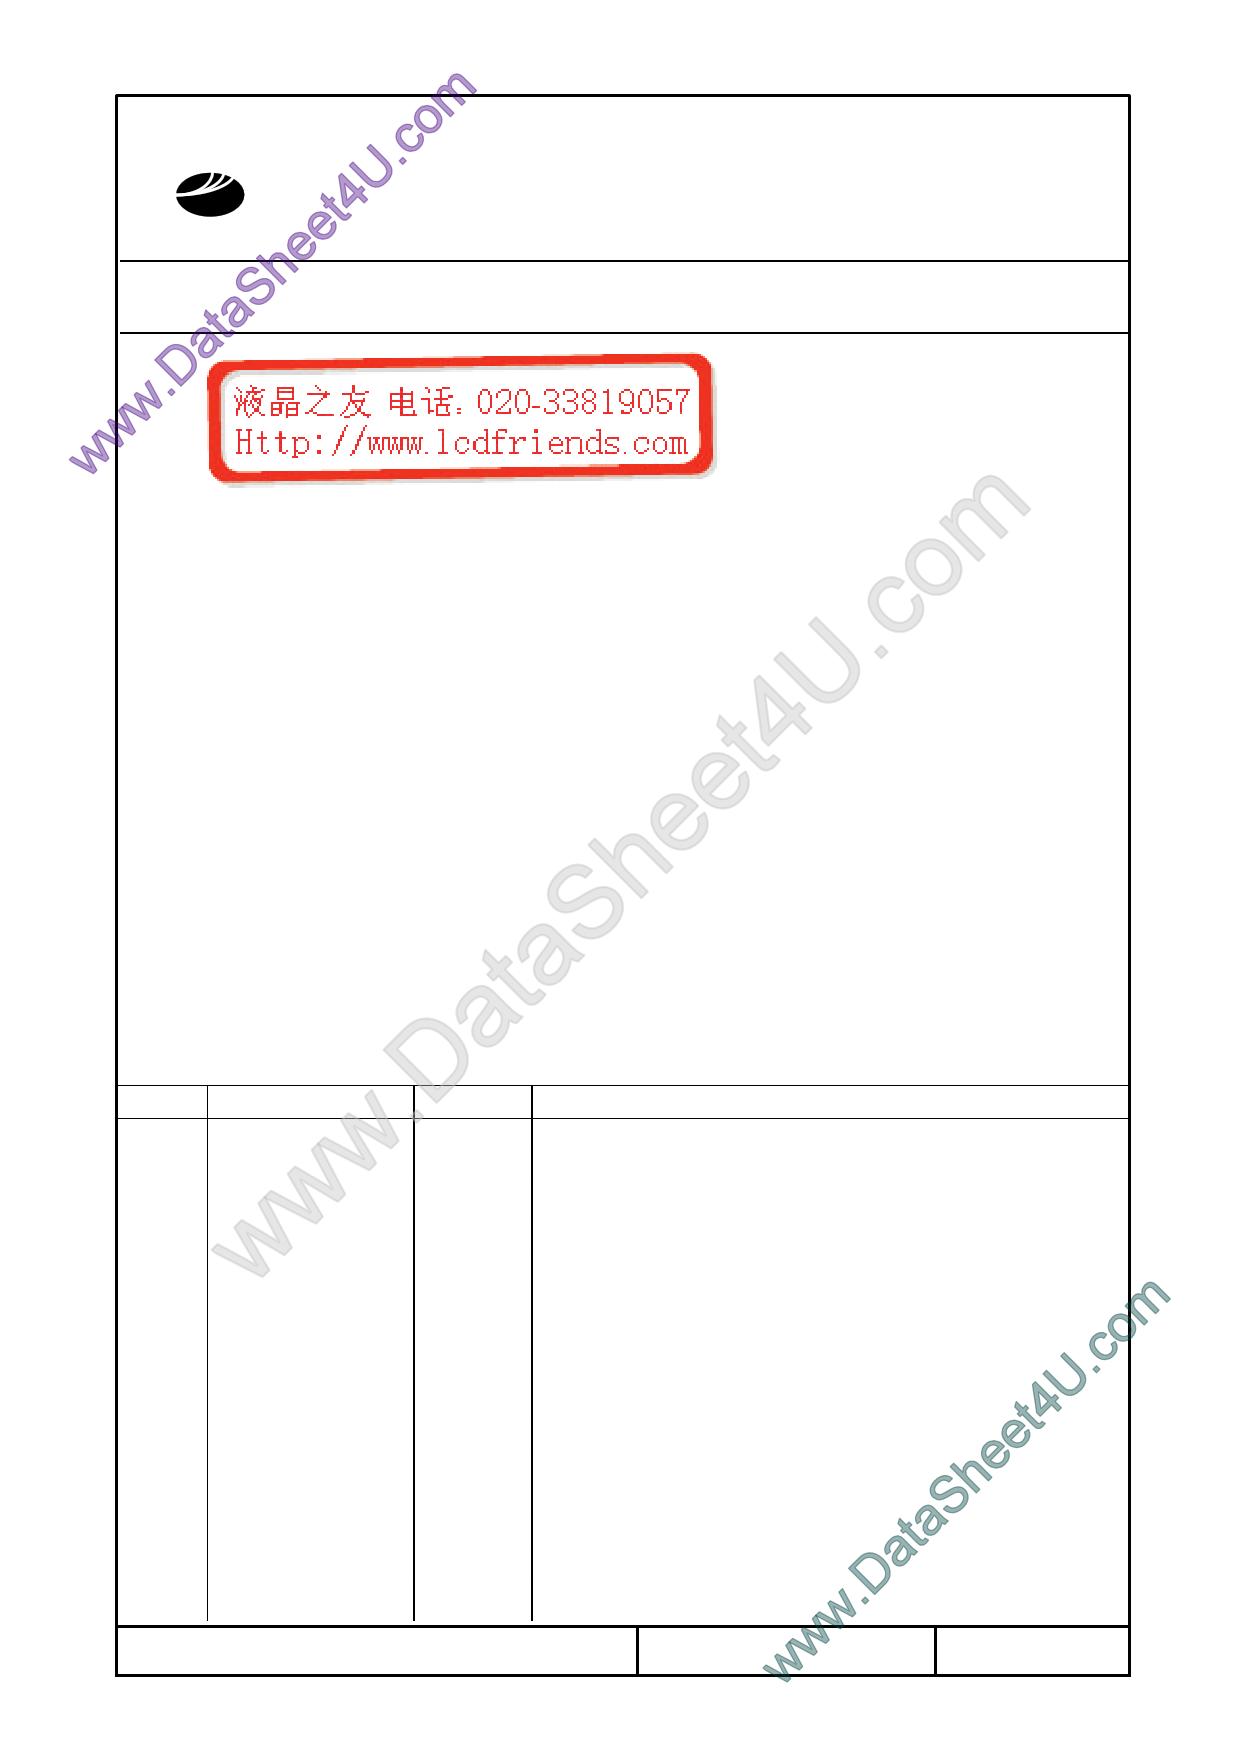 T-51379L035J_FW_P_AA دیتاشیت PDF